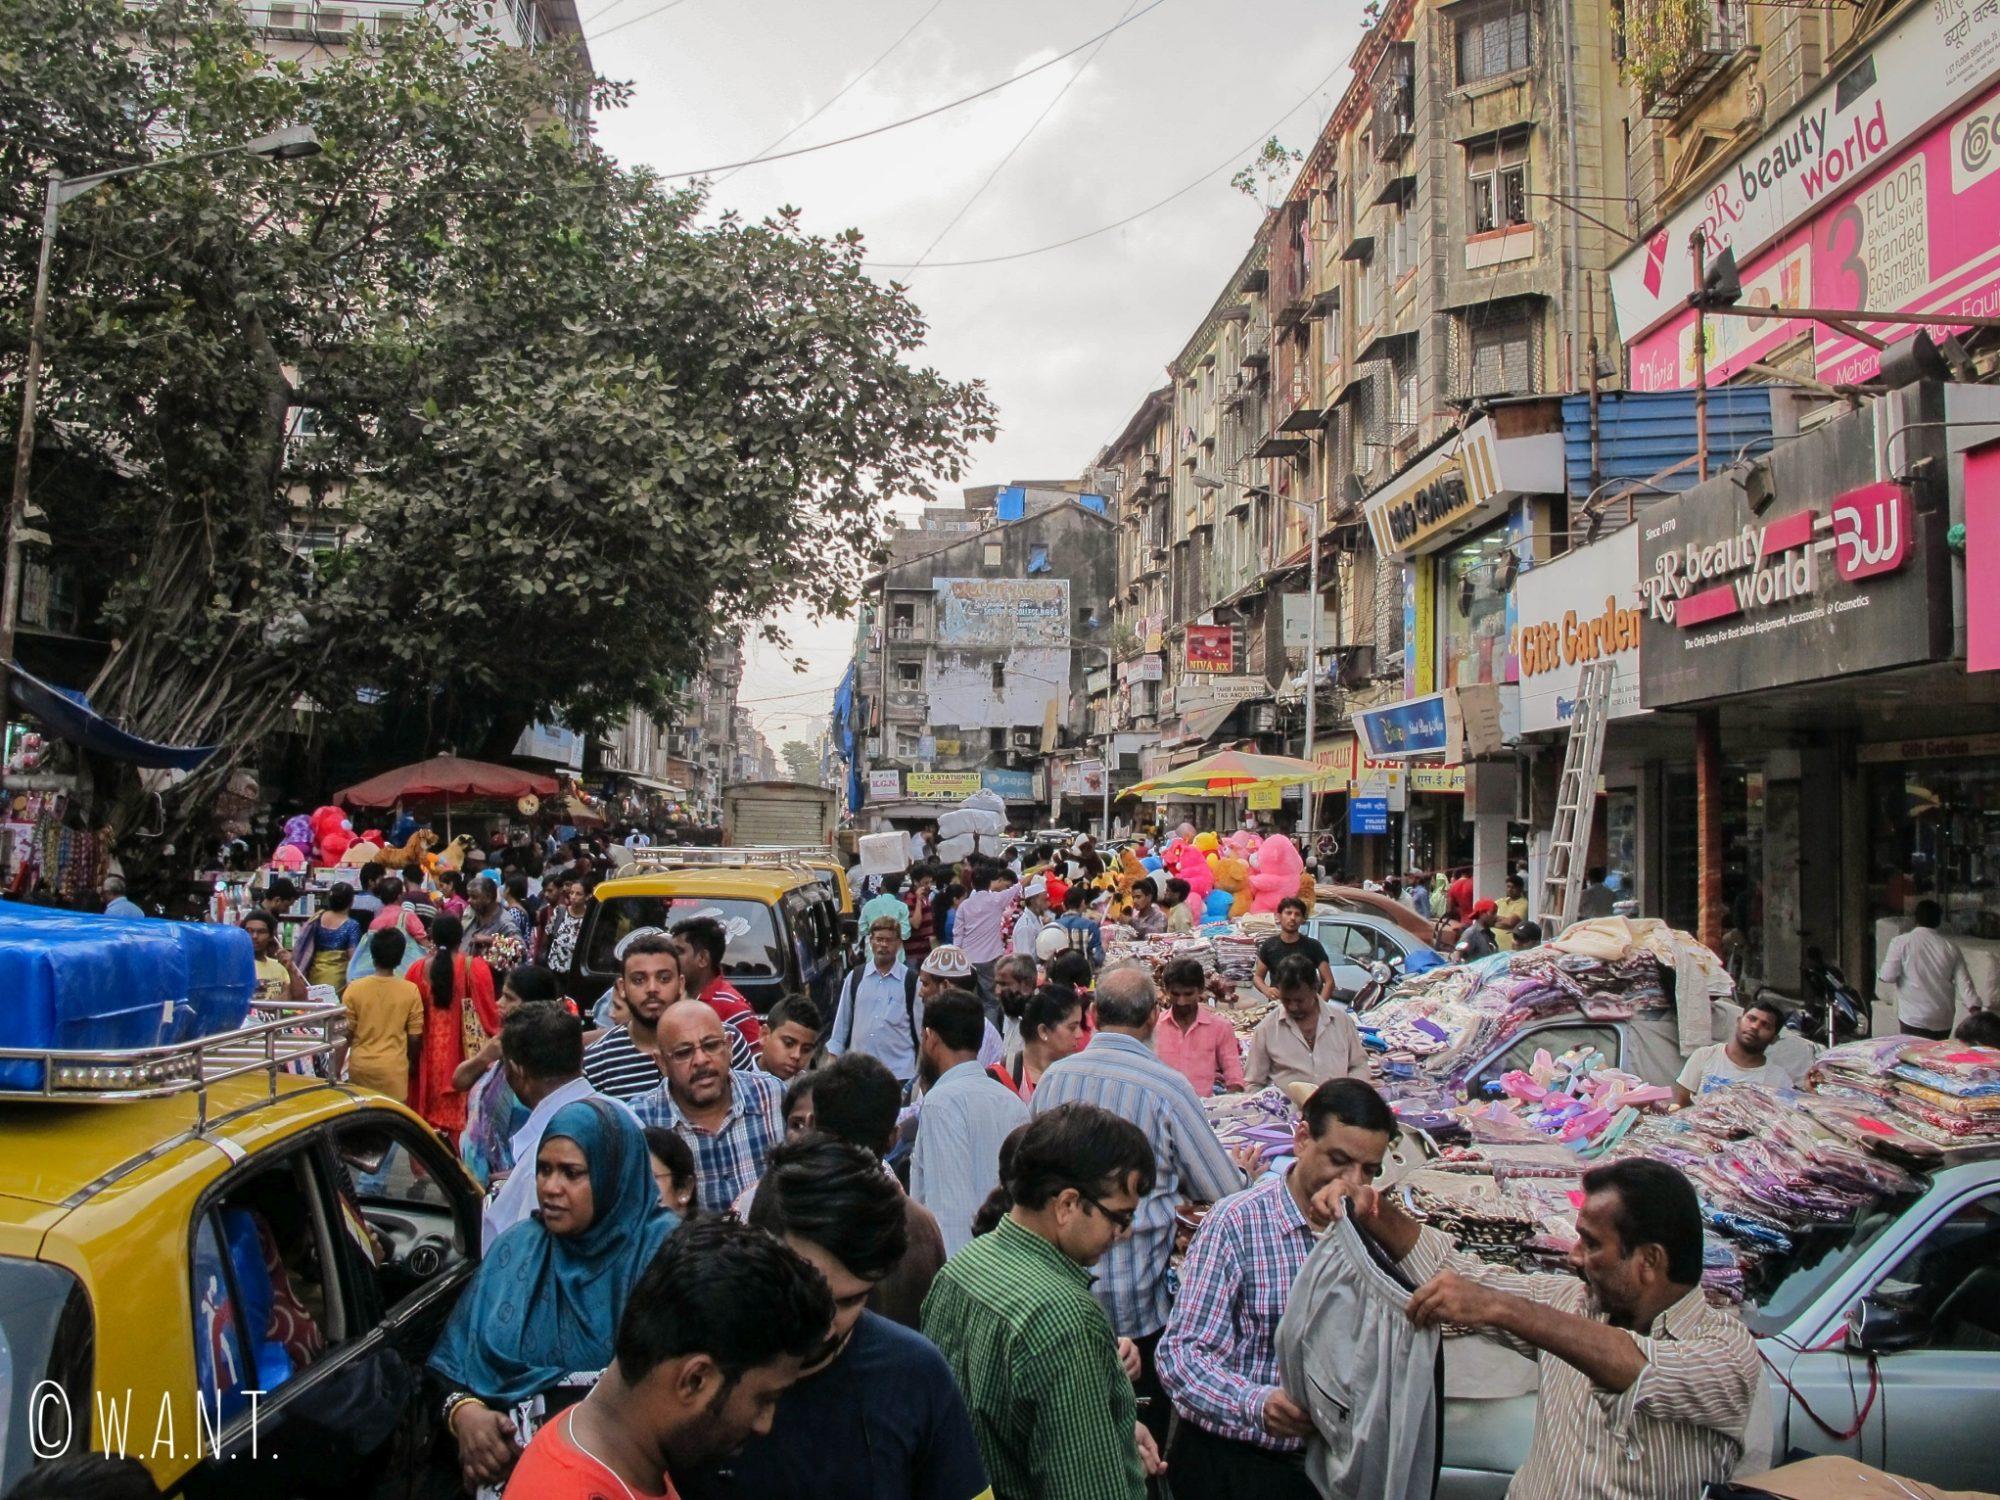 Les étals de marchandises sont installés sur les capots des voitures